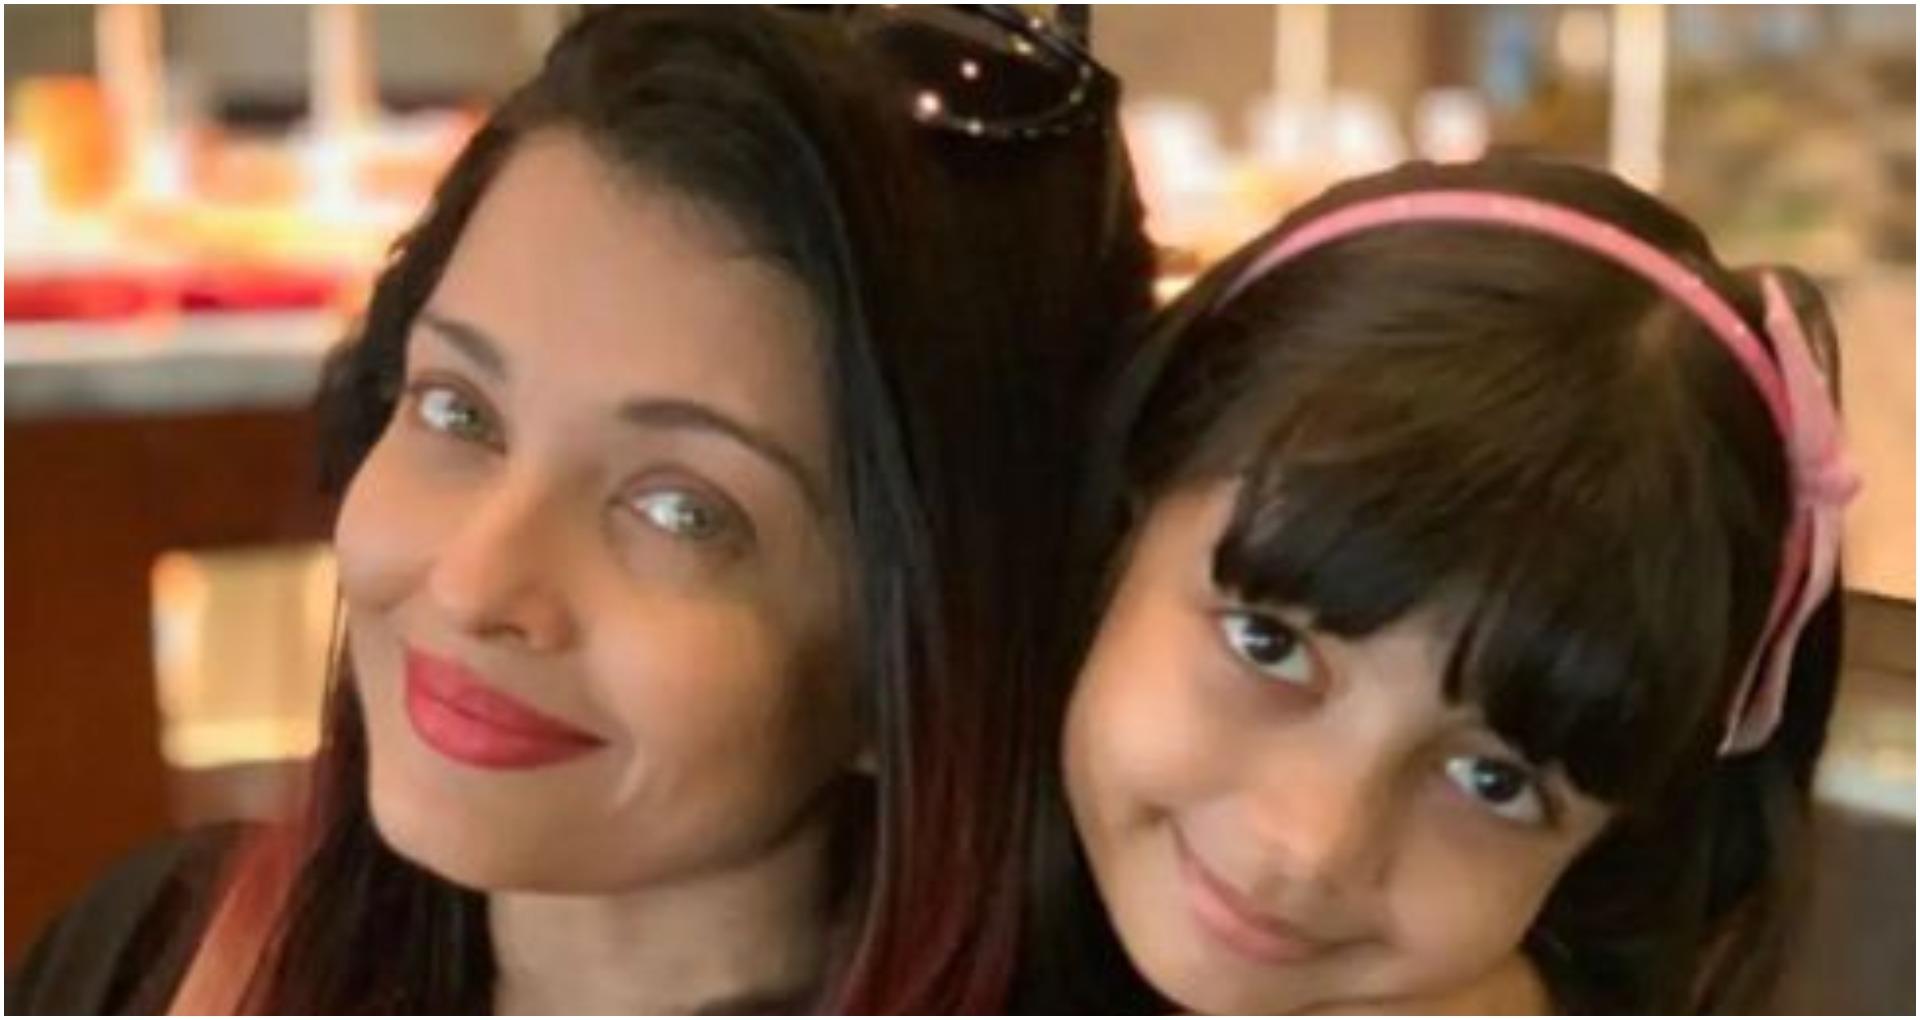 ऐश्वर्या राय बच्चन ने शेयर की ये खास तस्वीर! बेटी संग फैंस का किया शुक्रिया अदा